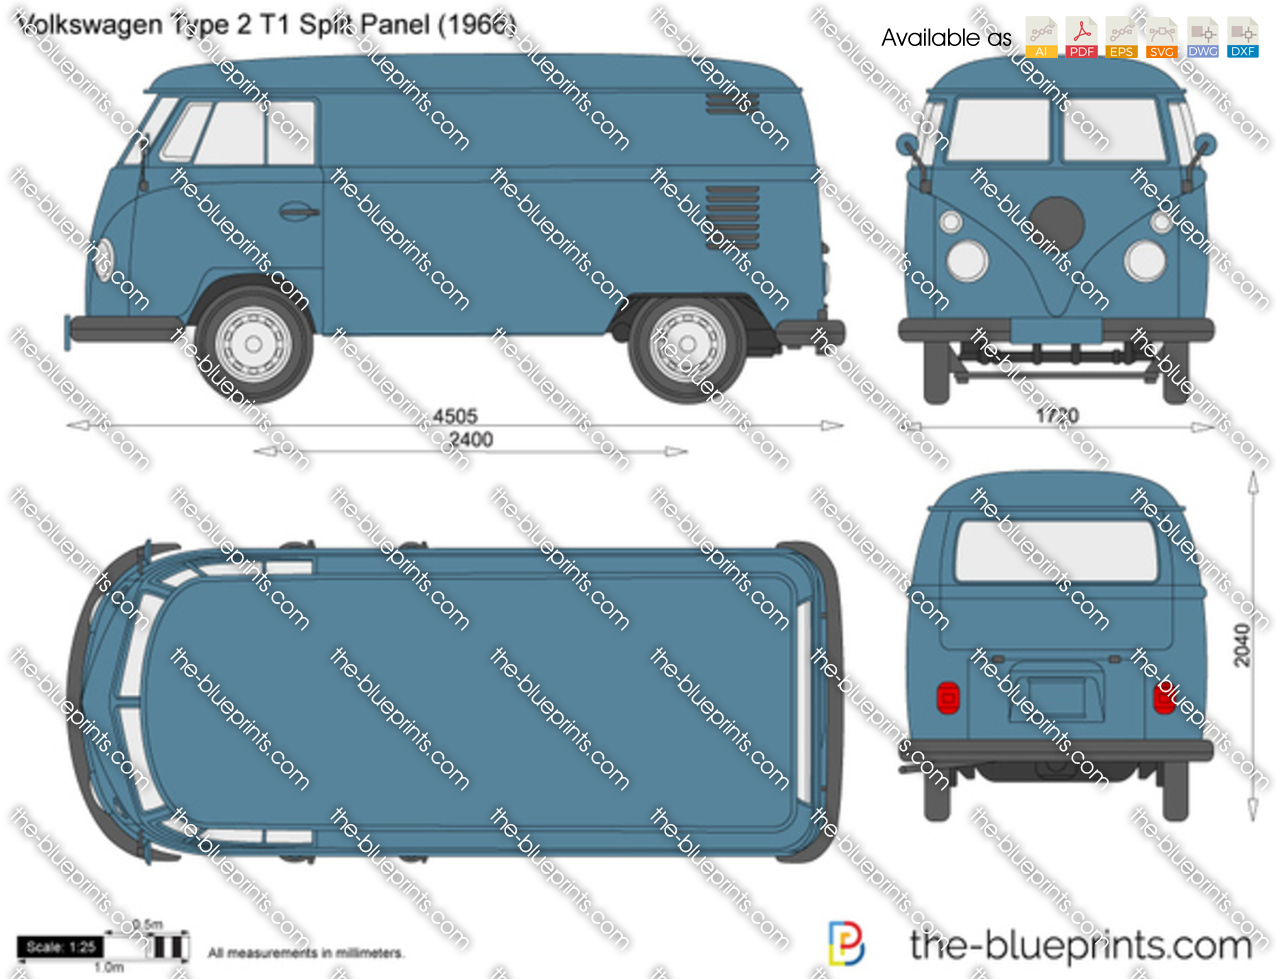 Volkswagen Type 2 T1 Split Panel 1954